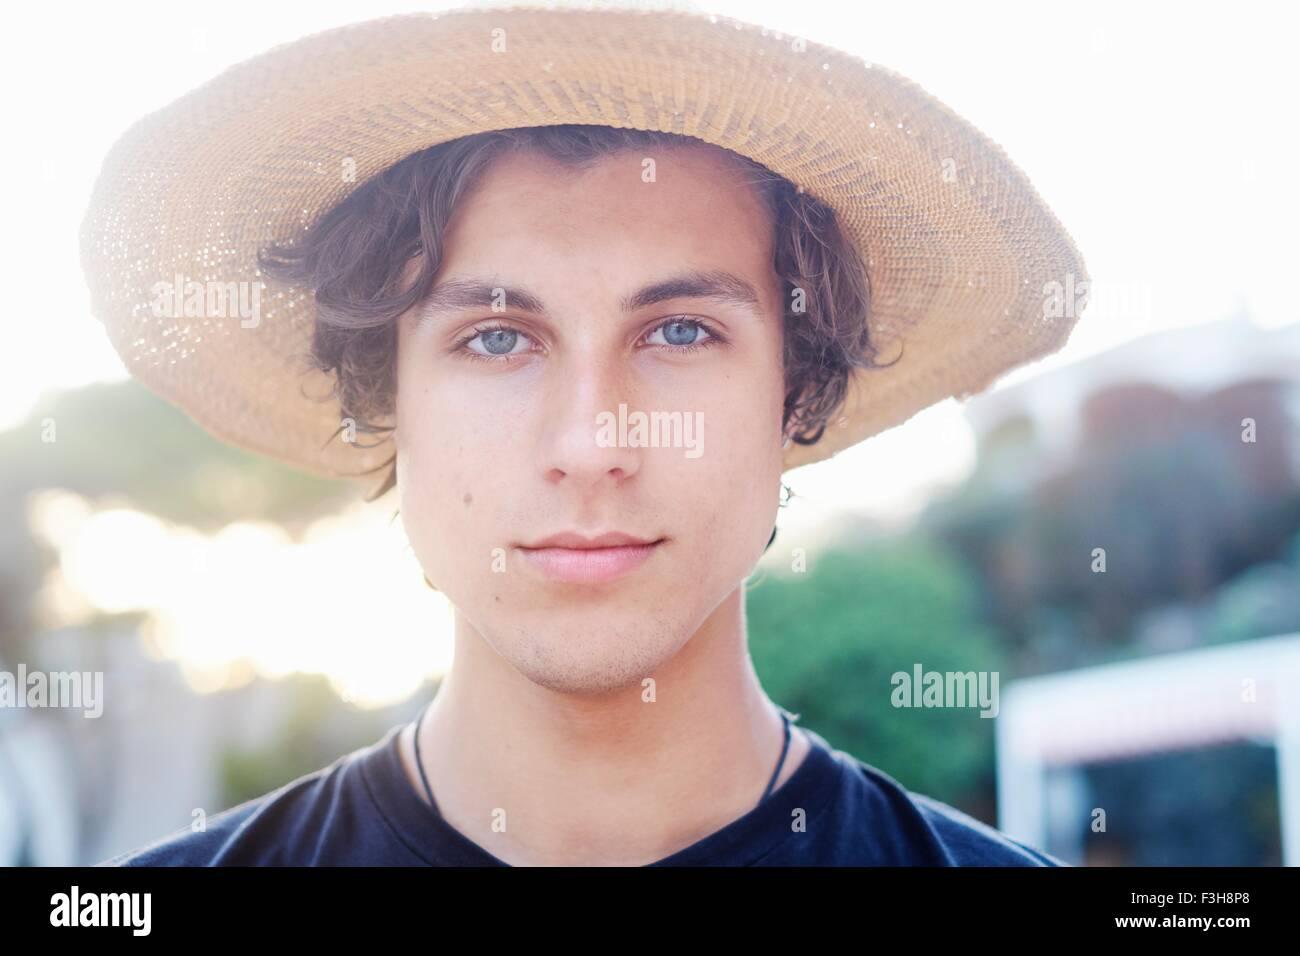 Cerrar retrato del joven llevar sombrero para el sol en la playa Imagen De Stock